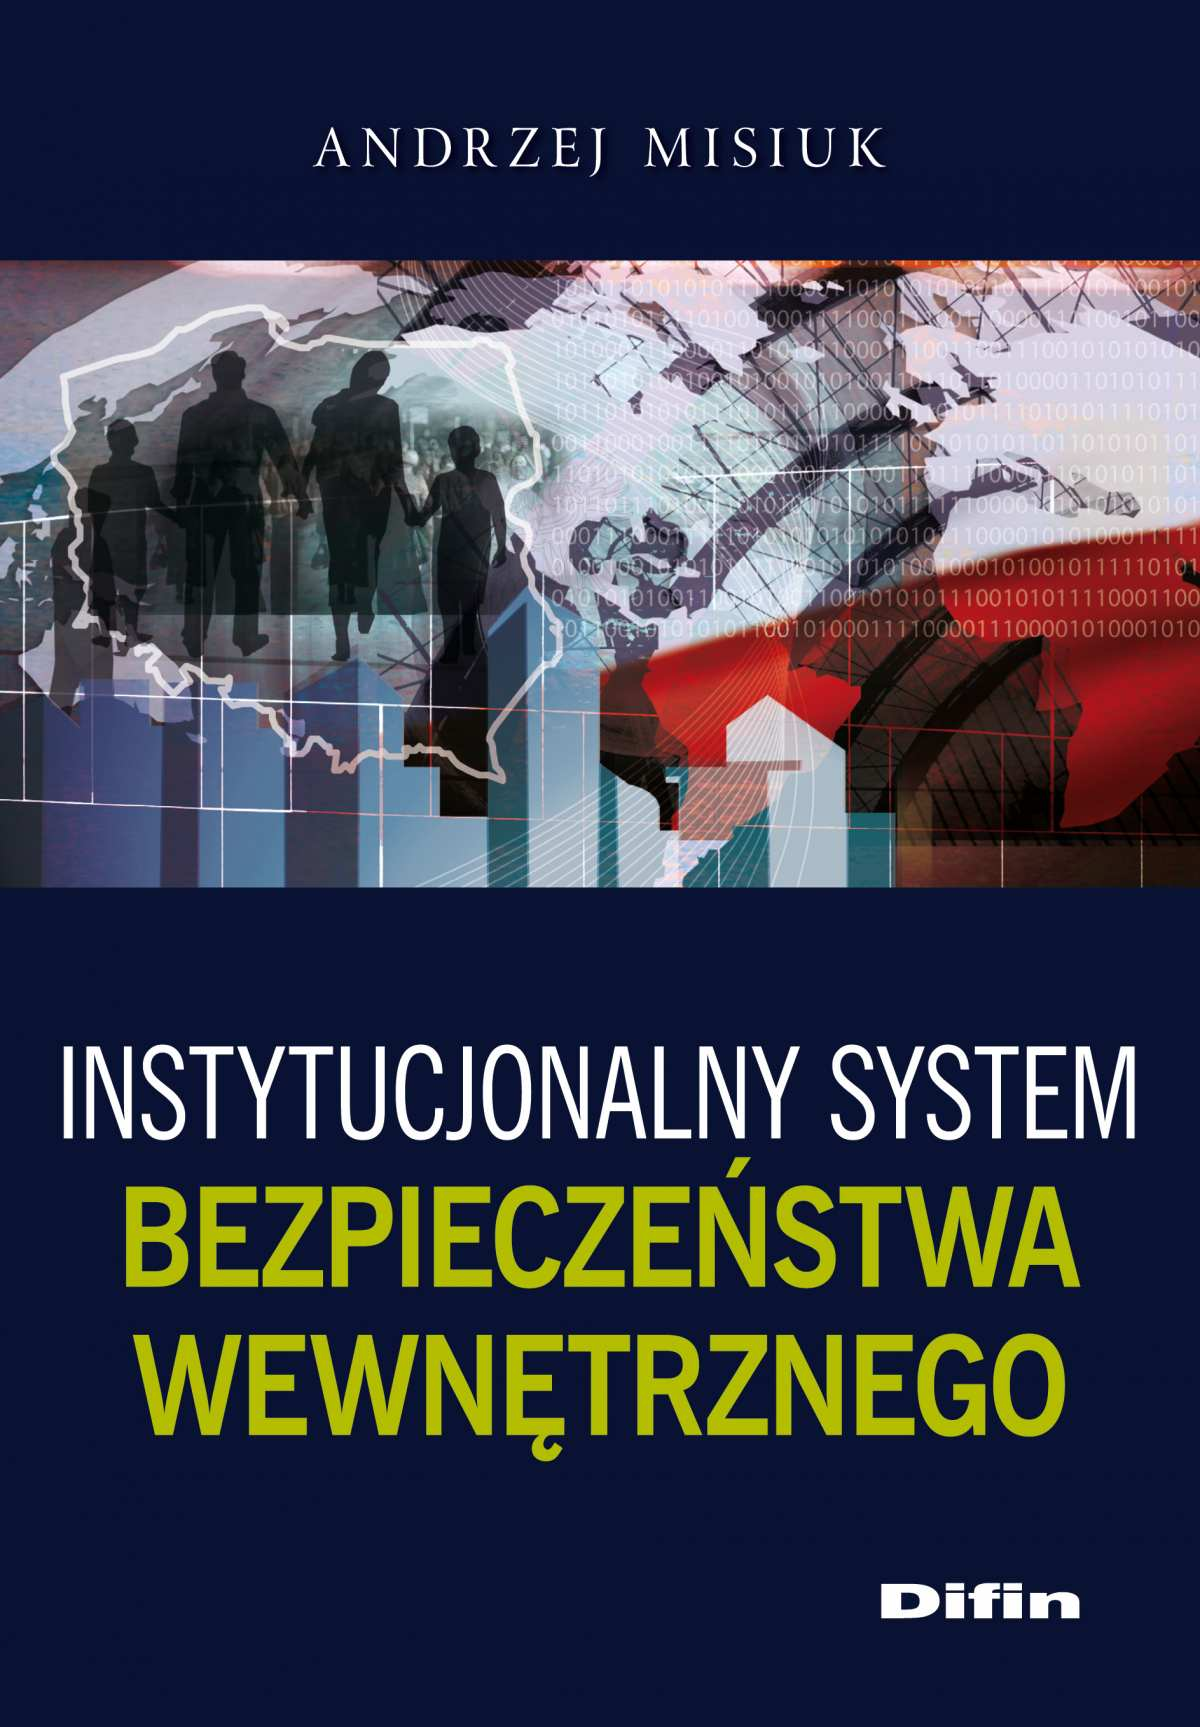 Instytucjonalny system bezpieczeństwa wewnętrznego - Ebook (Książka EPUB) do pobrania w formacie EPUB